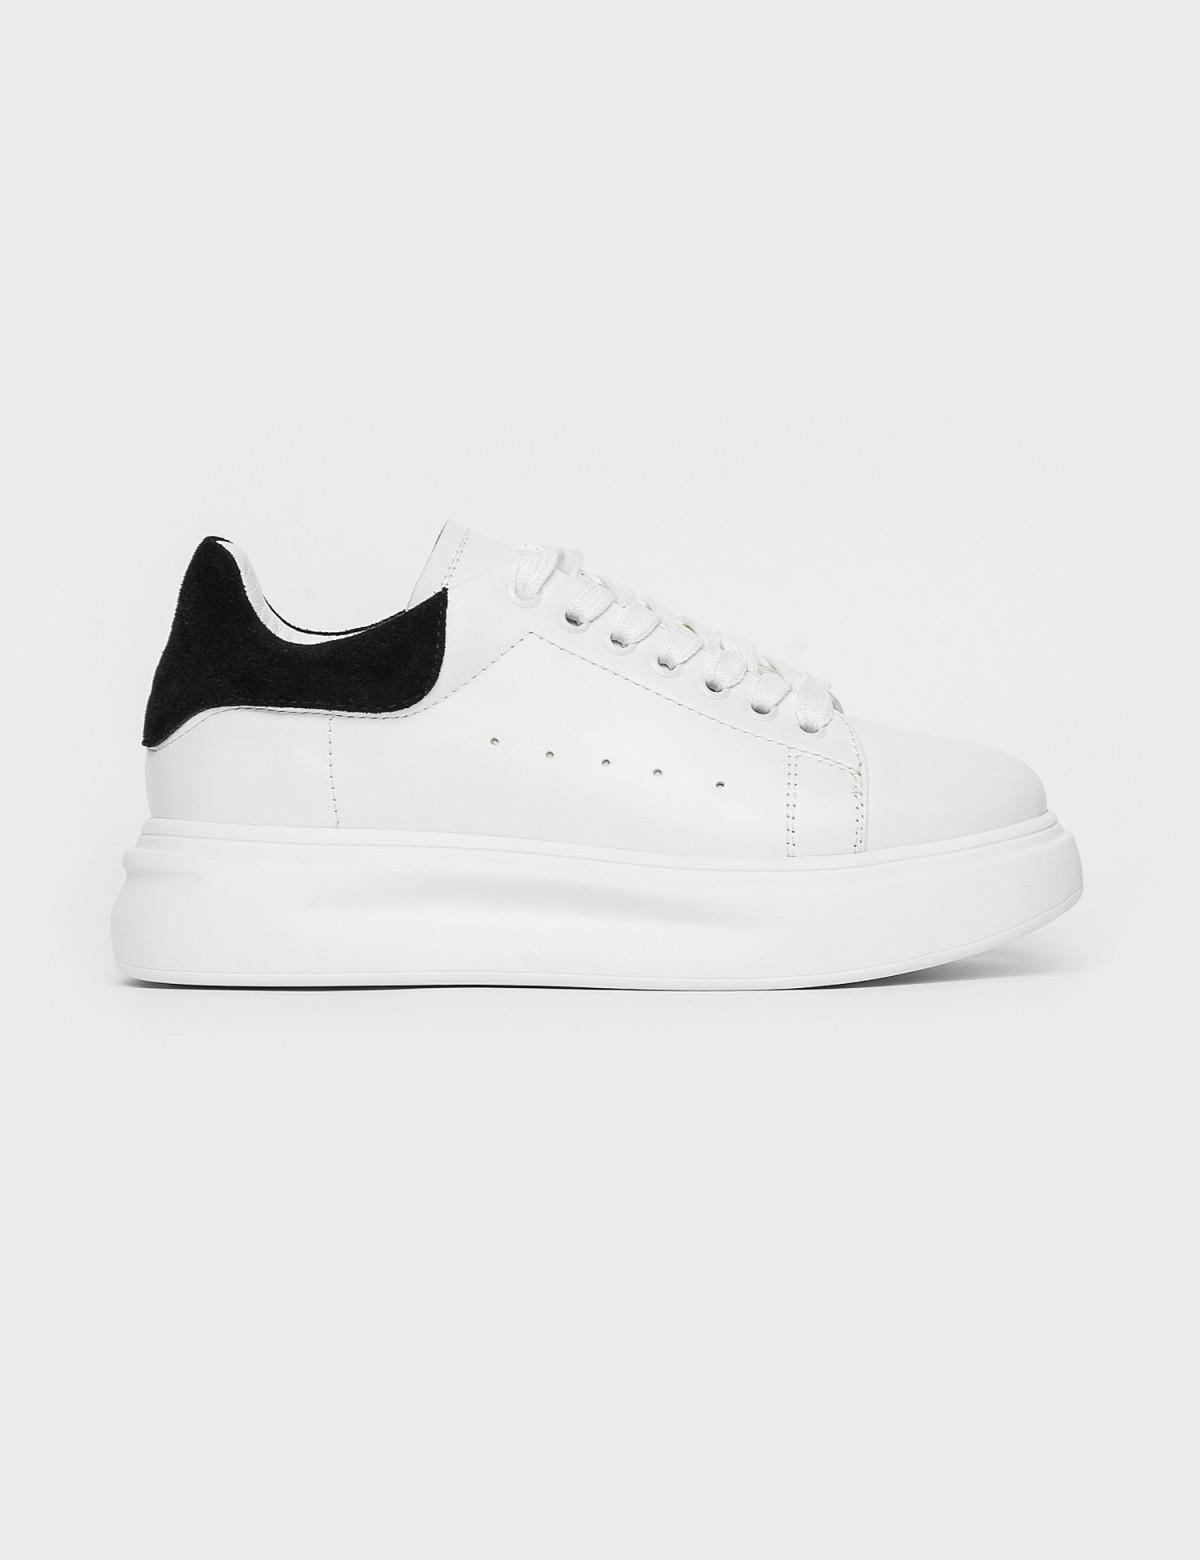 Кросівки білі/чорні. Натуральна шкіра